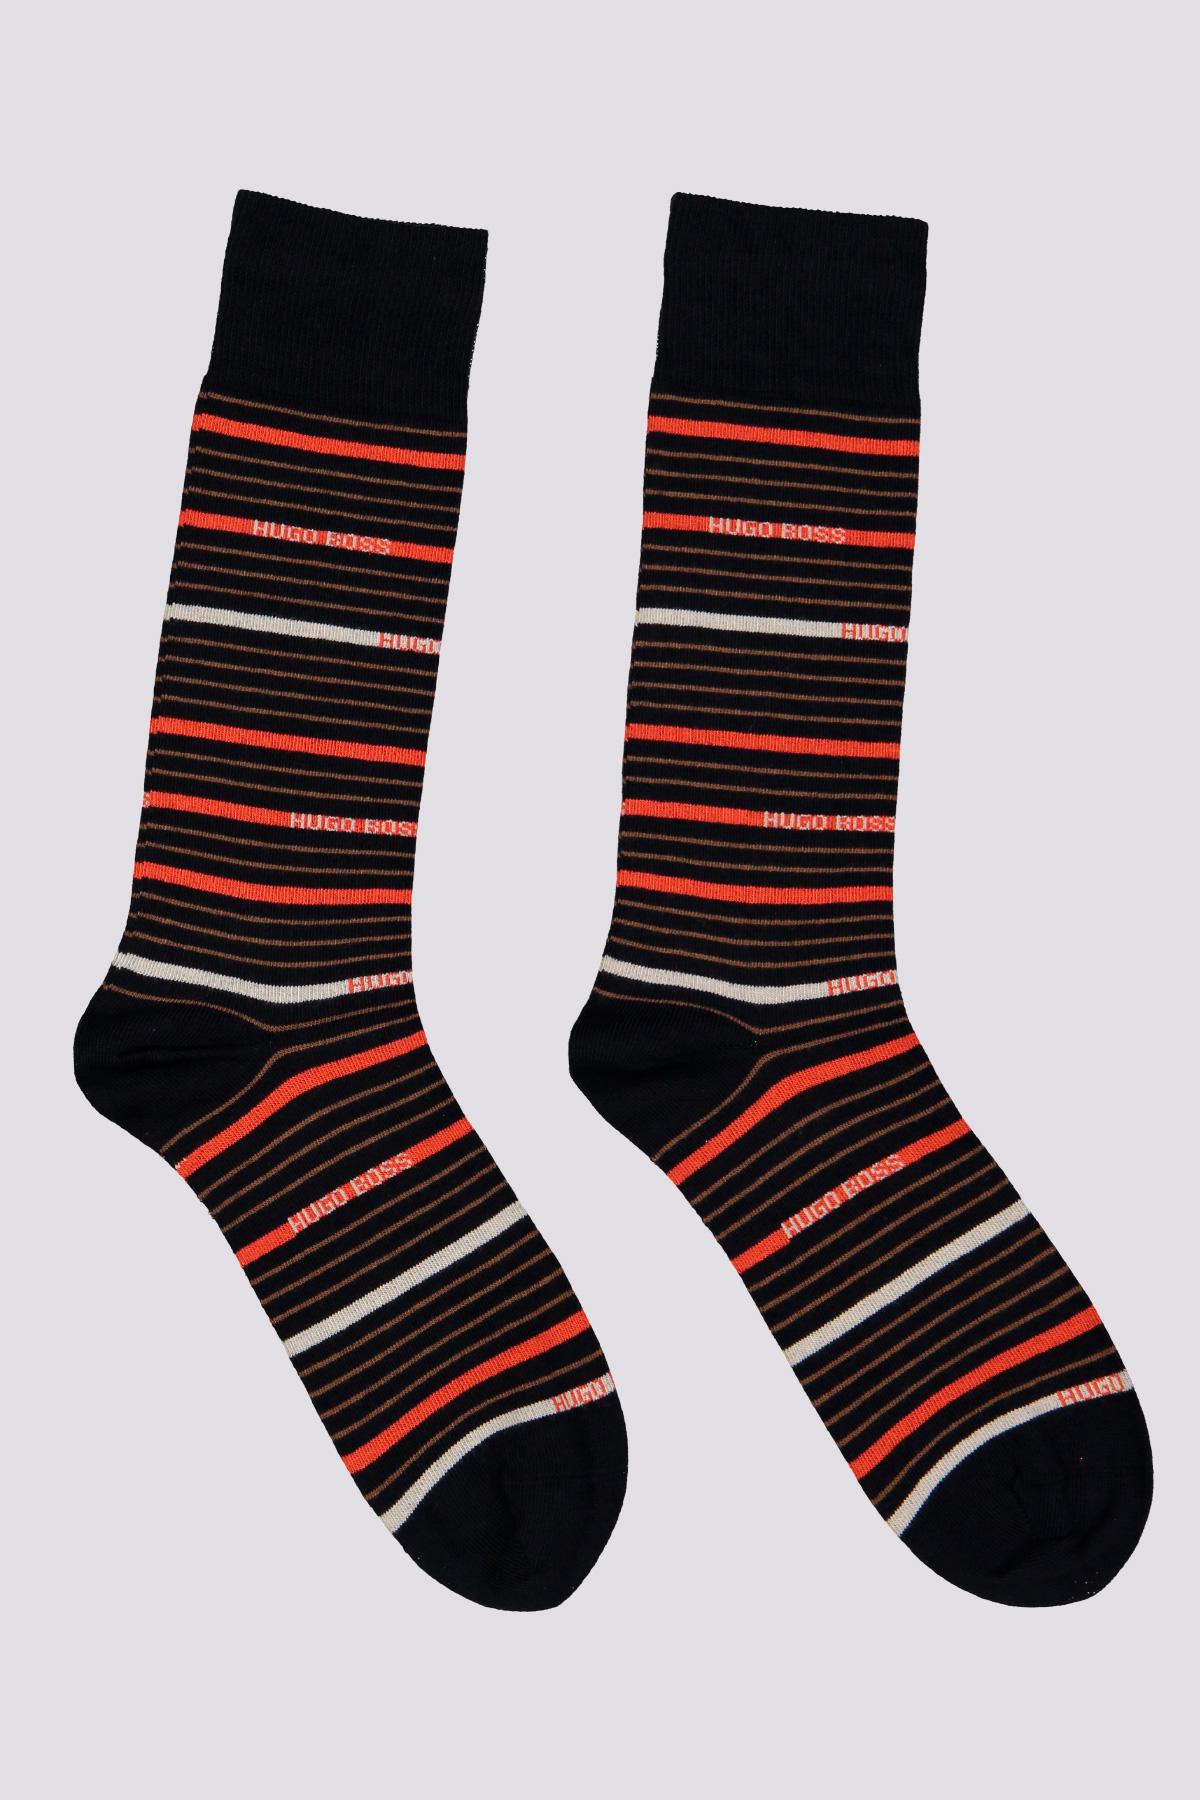 Paquetes de dos calcetines largos normal peinados combinados